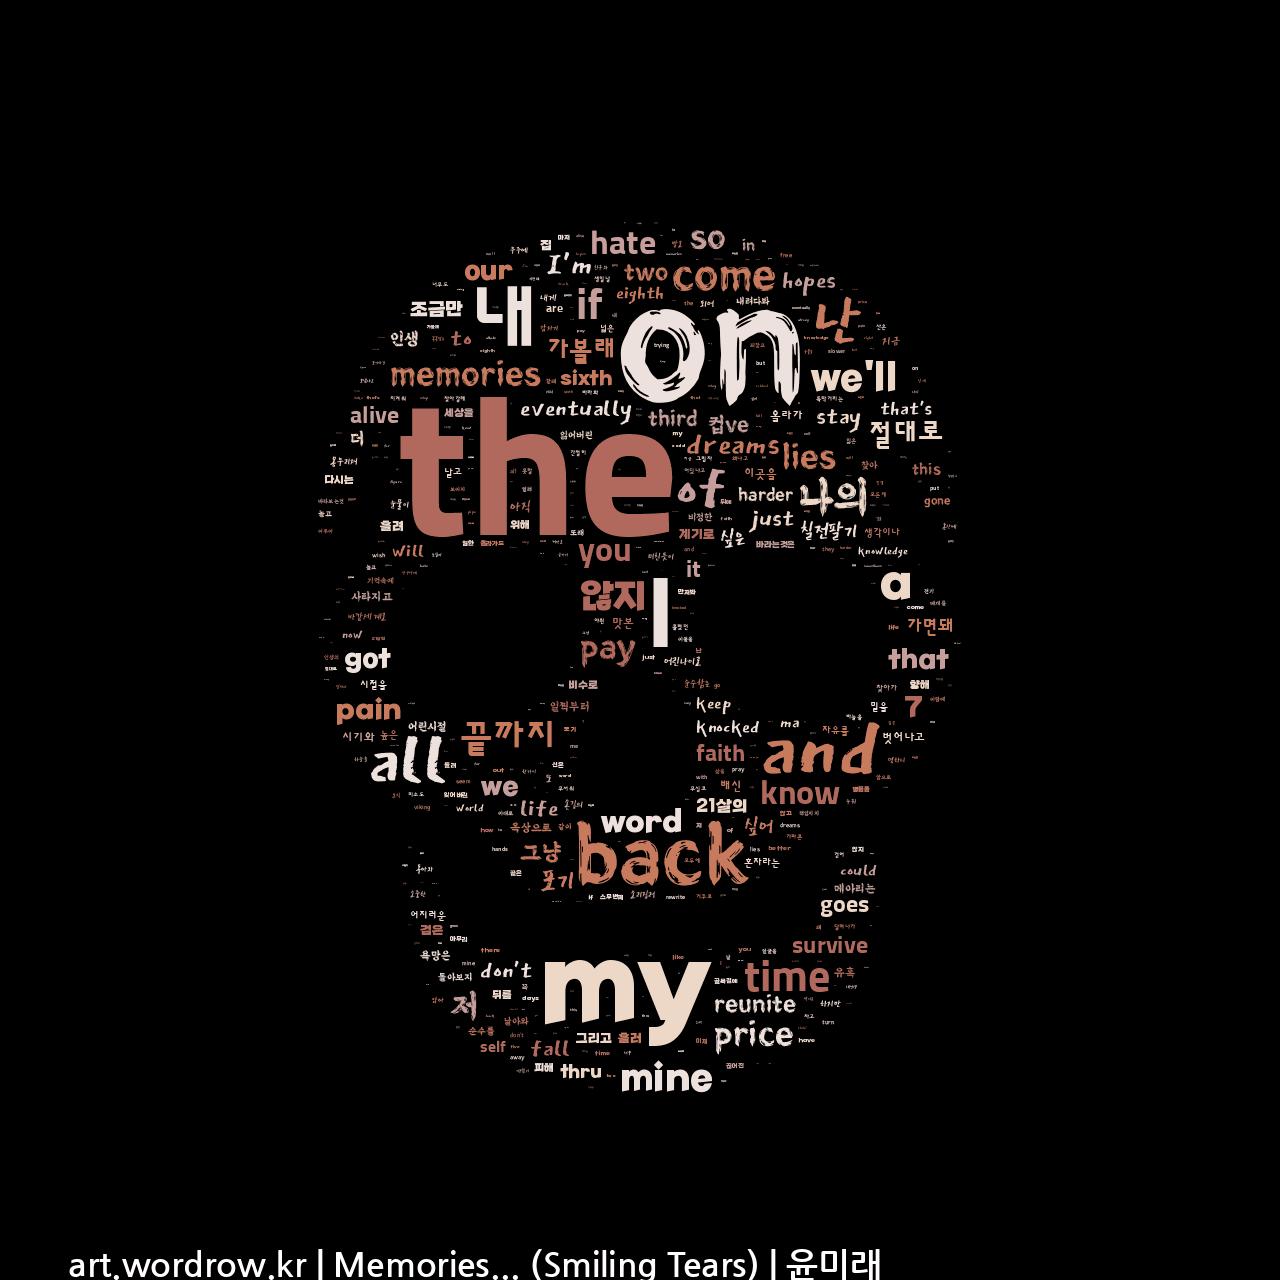 워드 클라우드: Memories... (Smiling Tears) [윤미래]-73